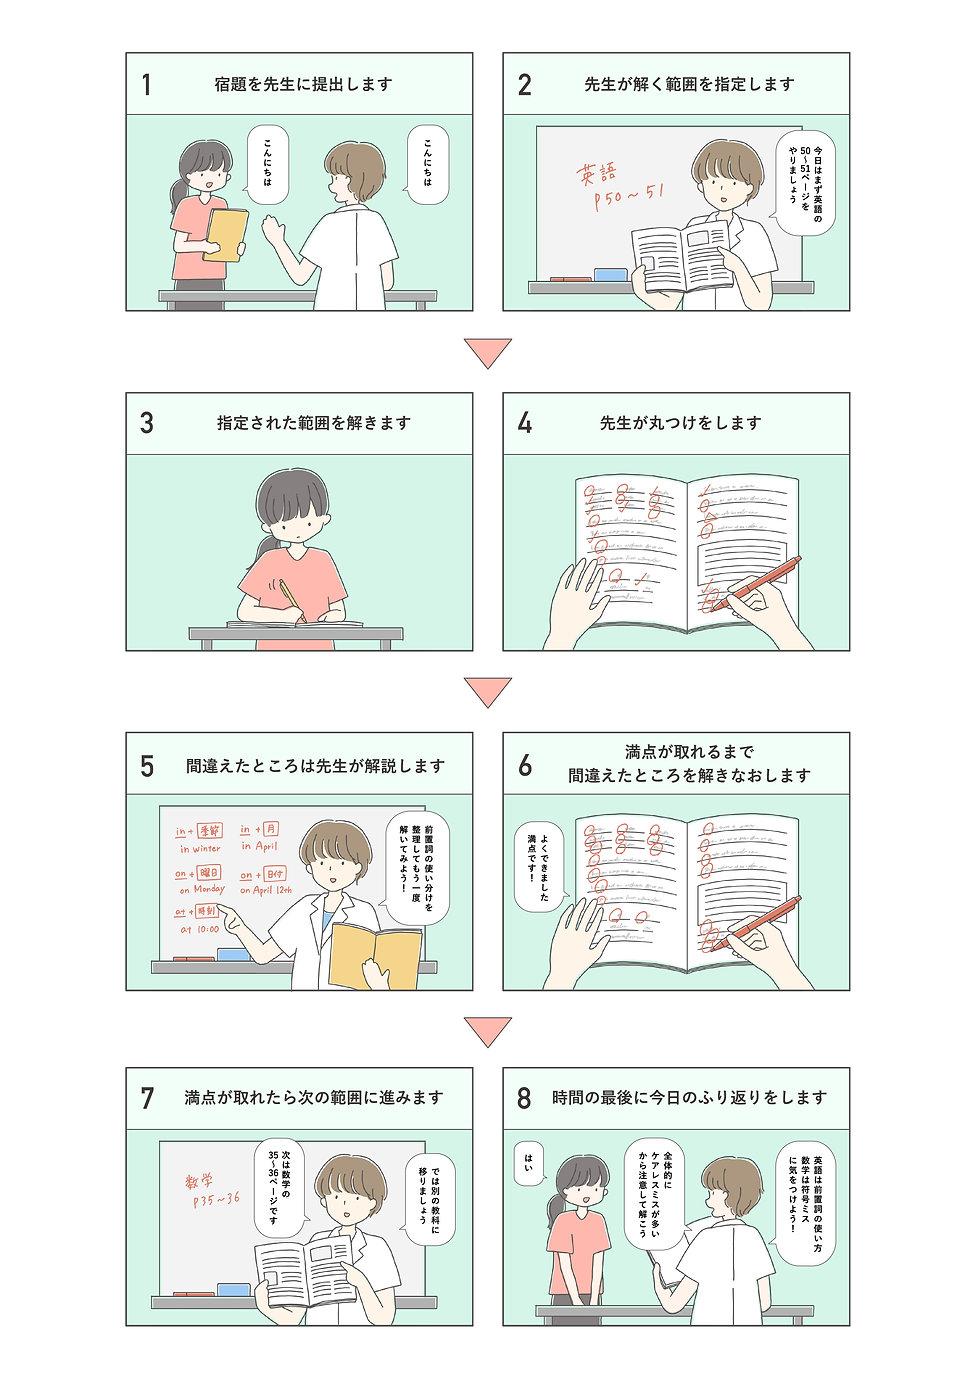 漫画修正版 -02.jpg